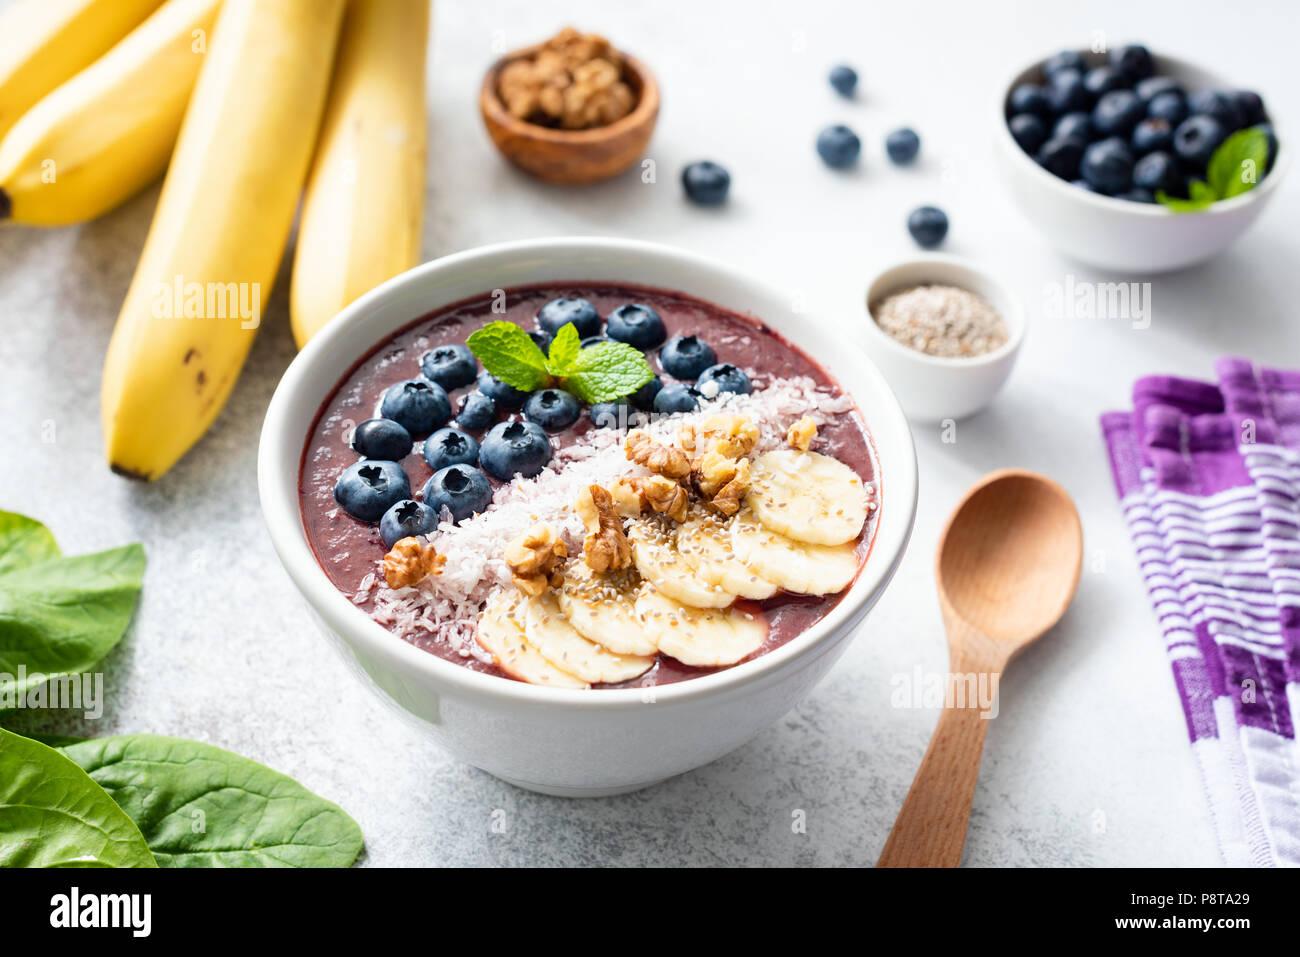 Acai smoothie Schüssel gefüllt mit Banane, Chia Samen, Blaubeeren, Walnüsse und Kokosnuss. Konzept der gesunden Ernährung, gesund leben, Diät, Entschlackung und v Stockbild